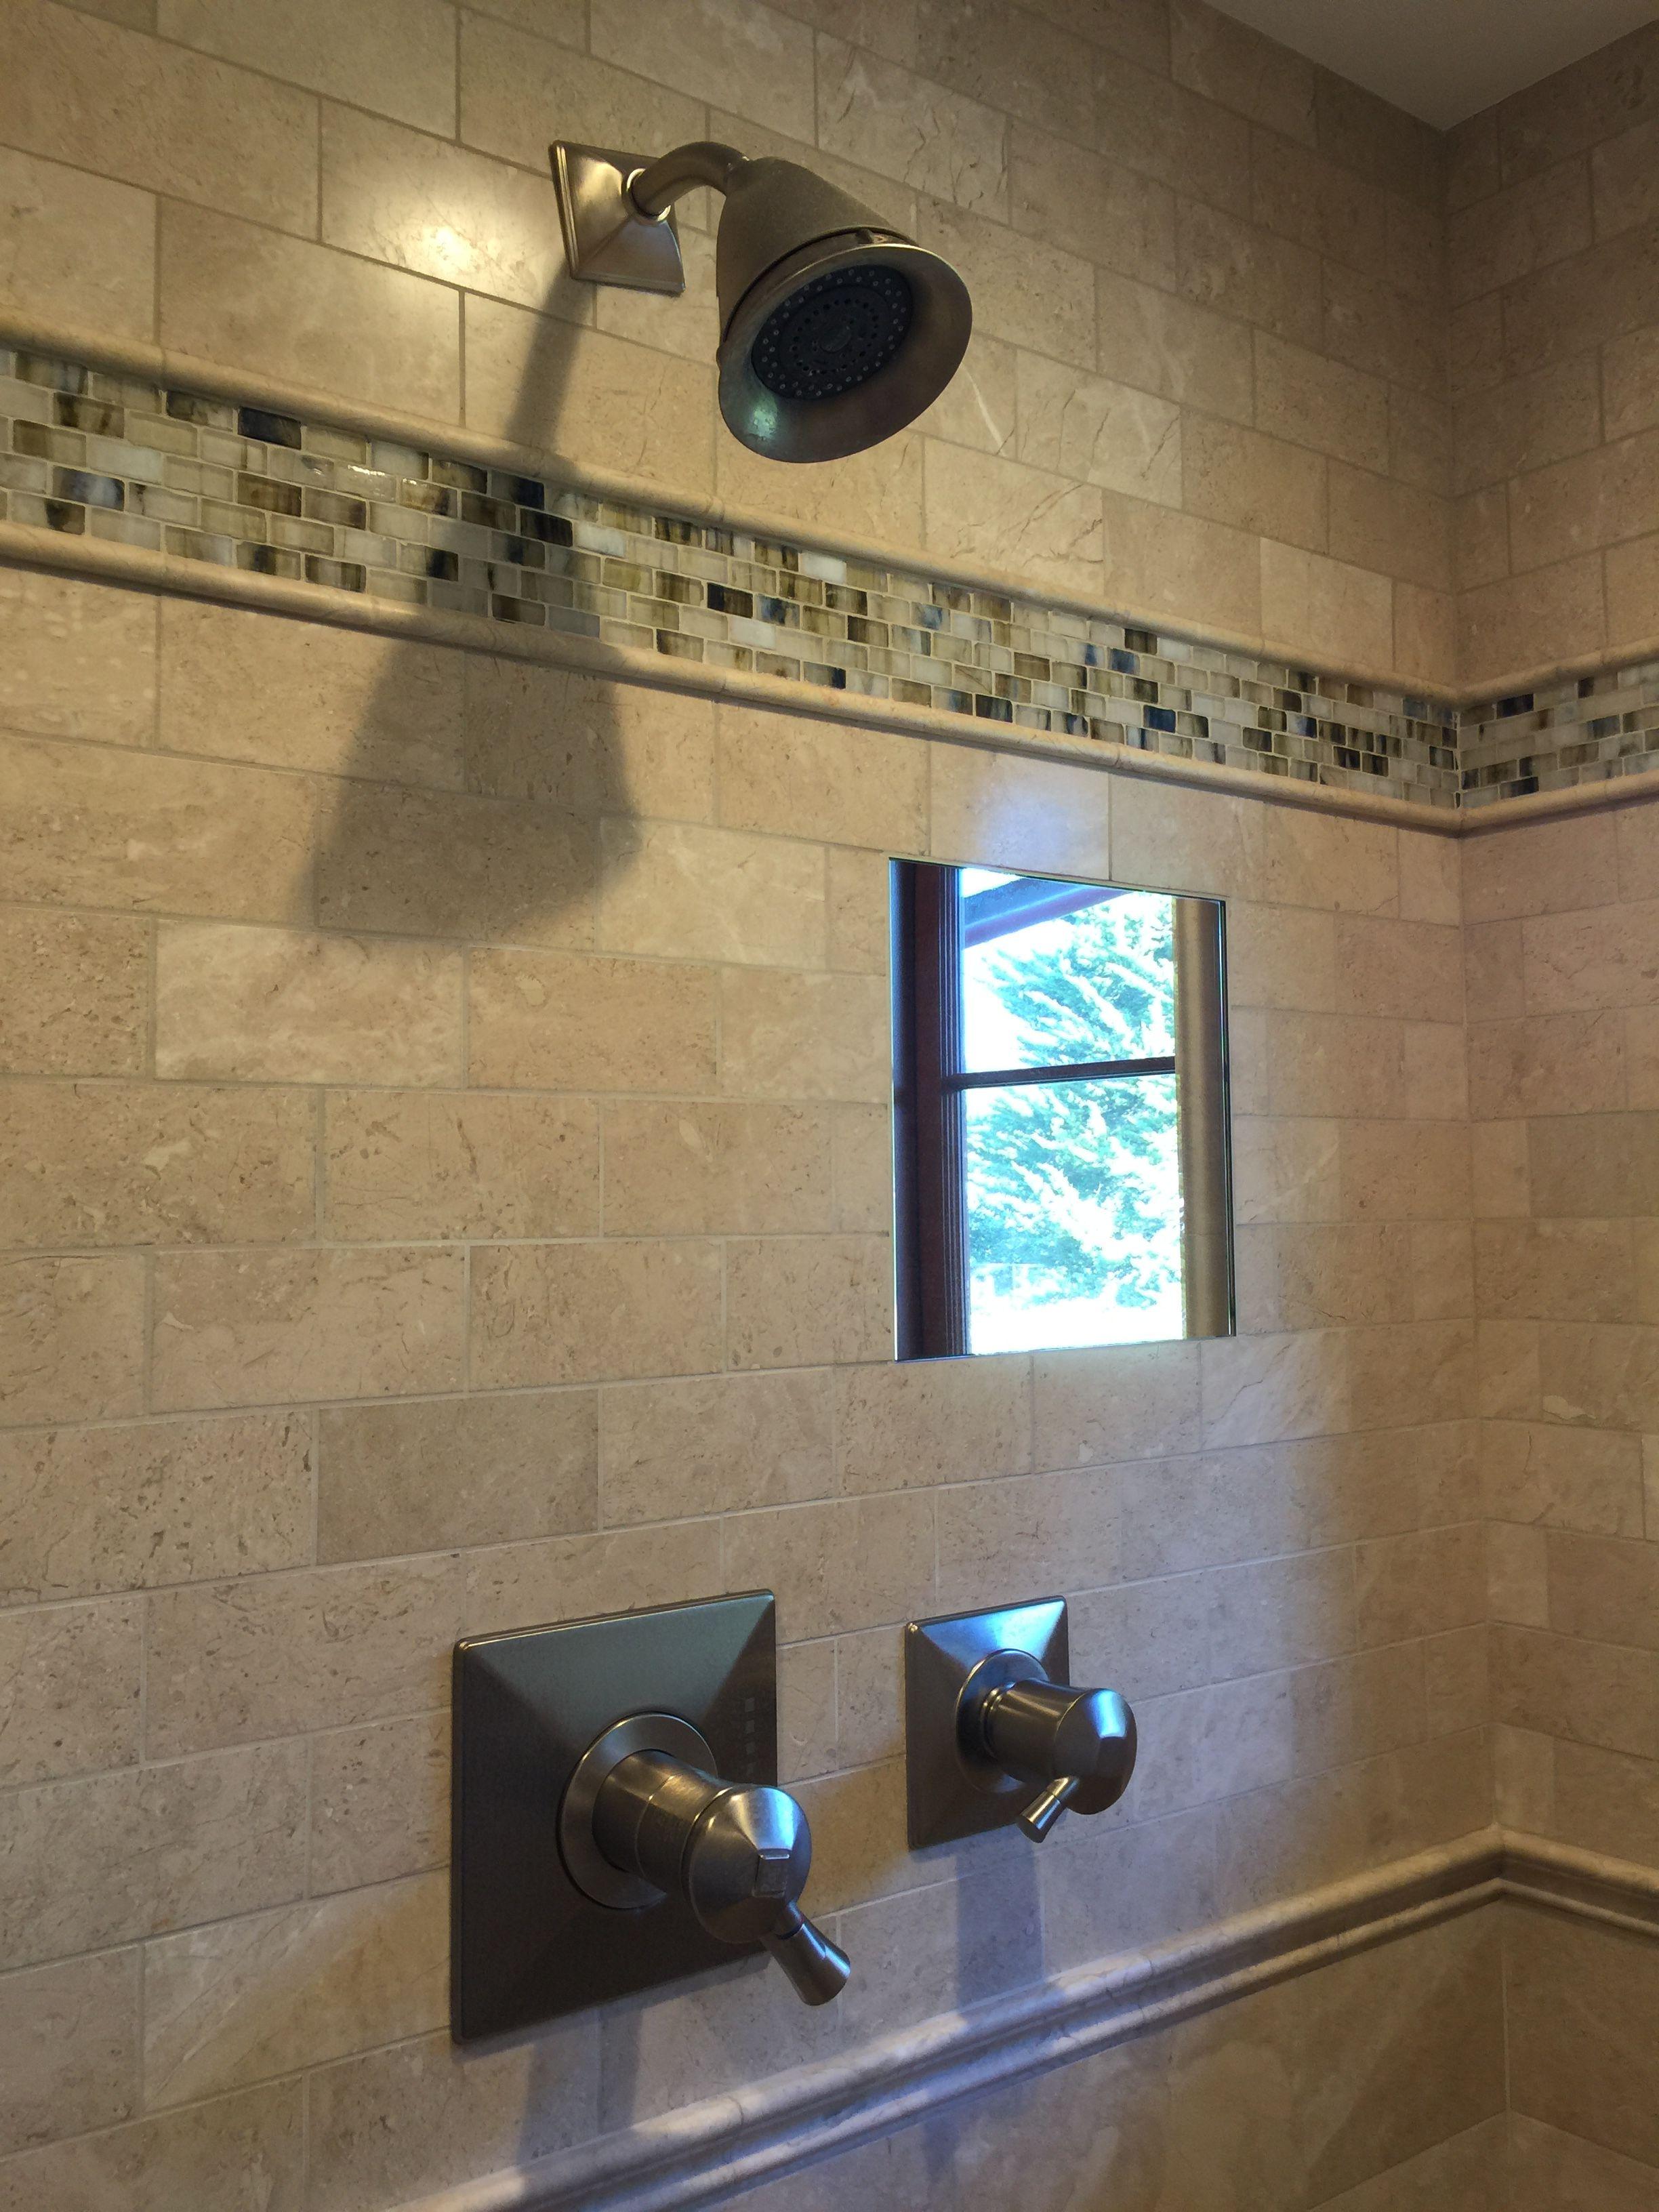 Les 25 meilleures id es de la cat gorie miroir chauffant pour salle de bain sur pinterest - Miroir salle de bain chauffant ...